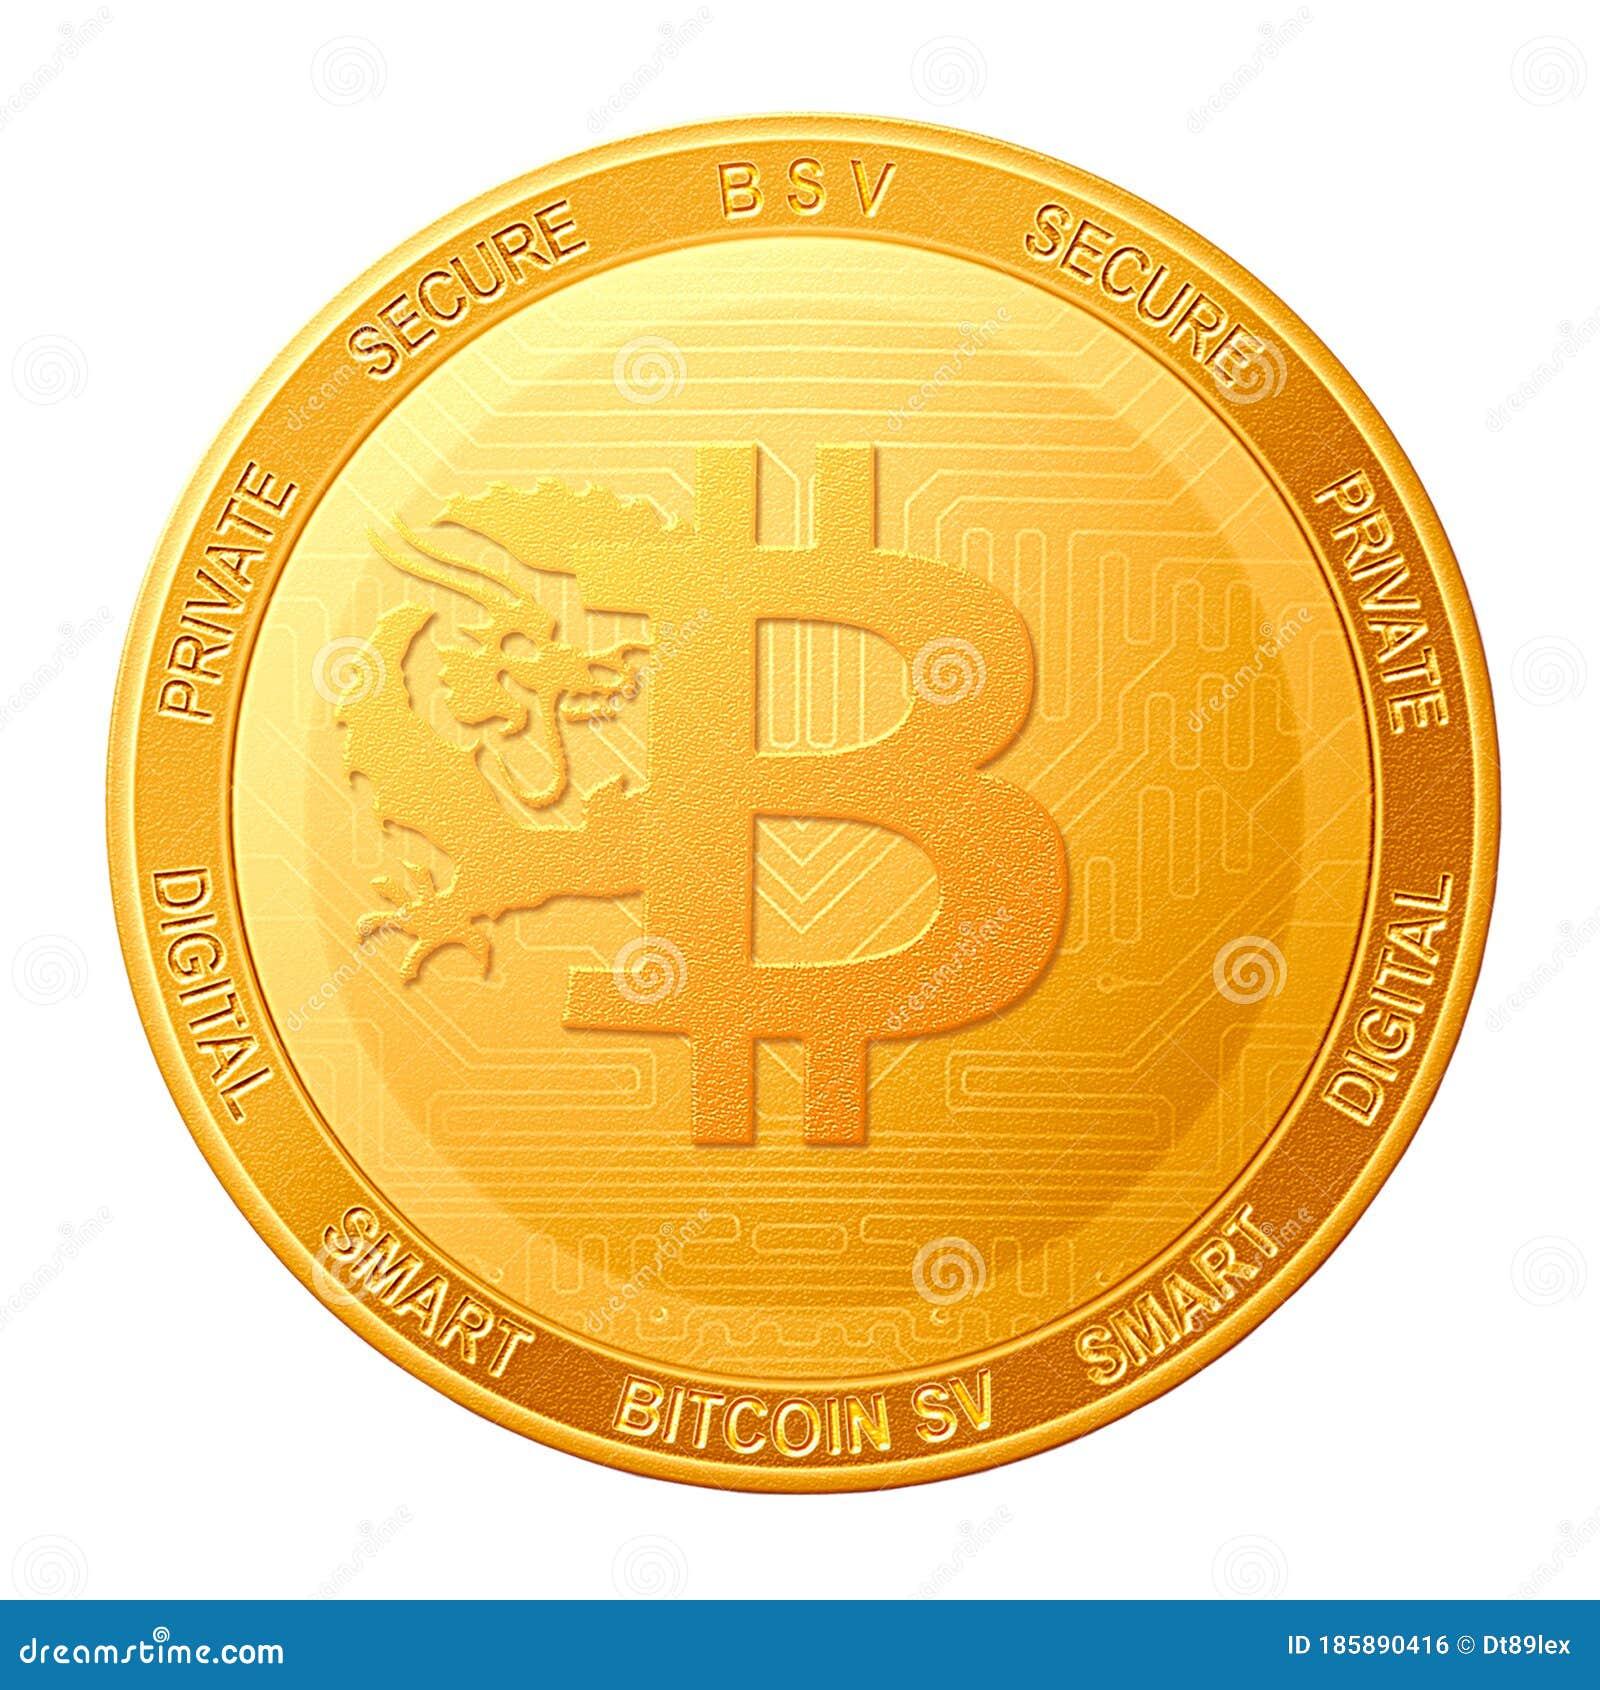 Bitcoin Association for BSV a Zug | Moneyhouse